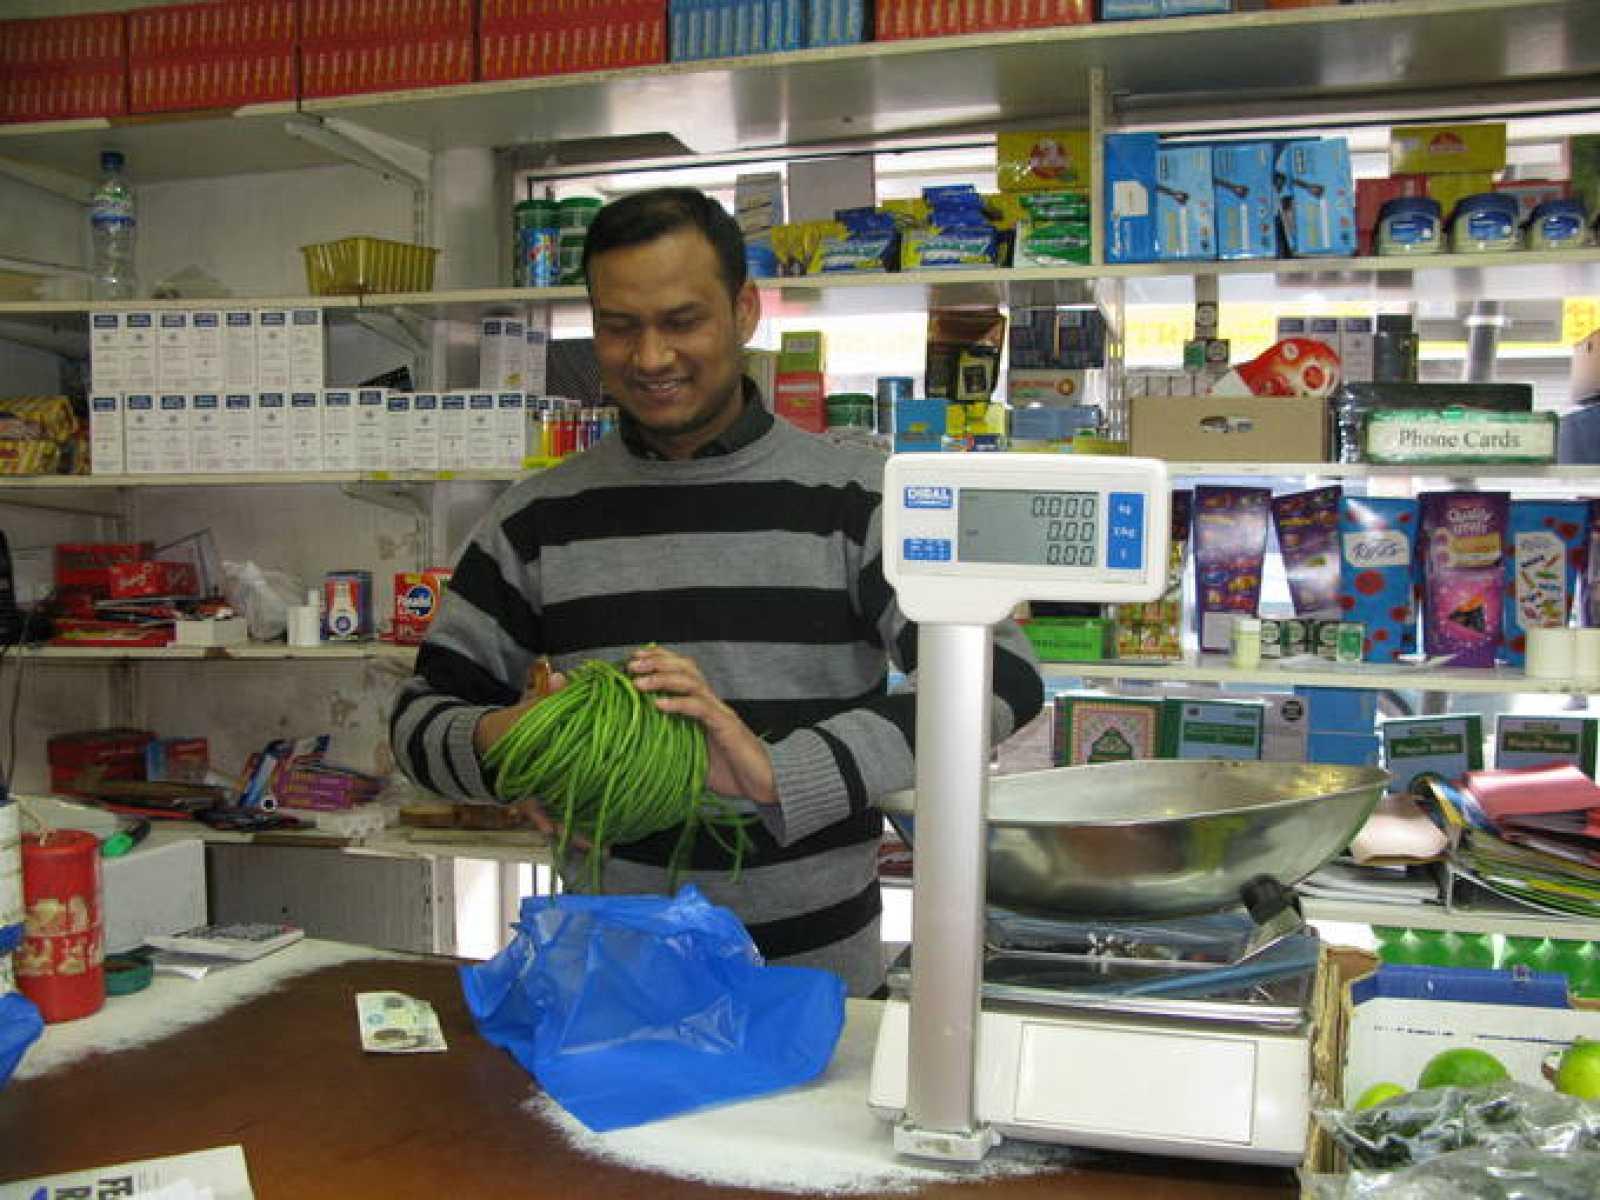 Zzaman es de Bangladesh pero se siente británico y apoya a la pareja real.